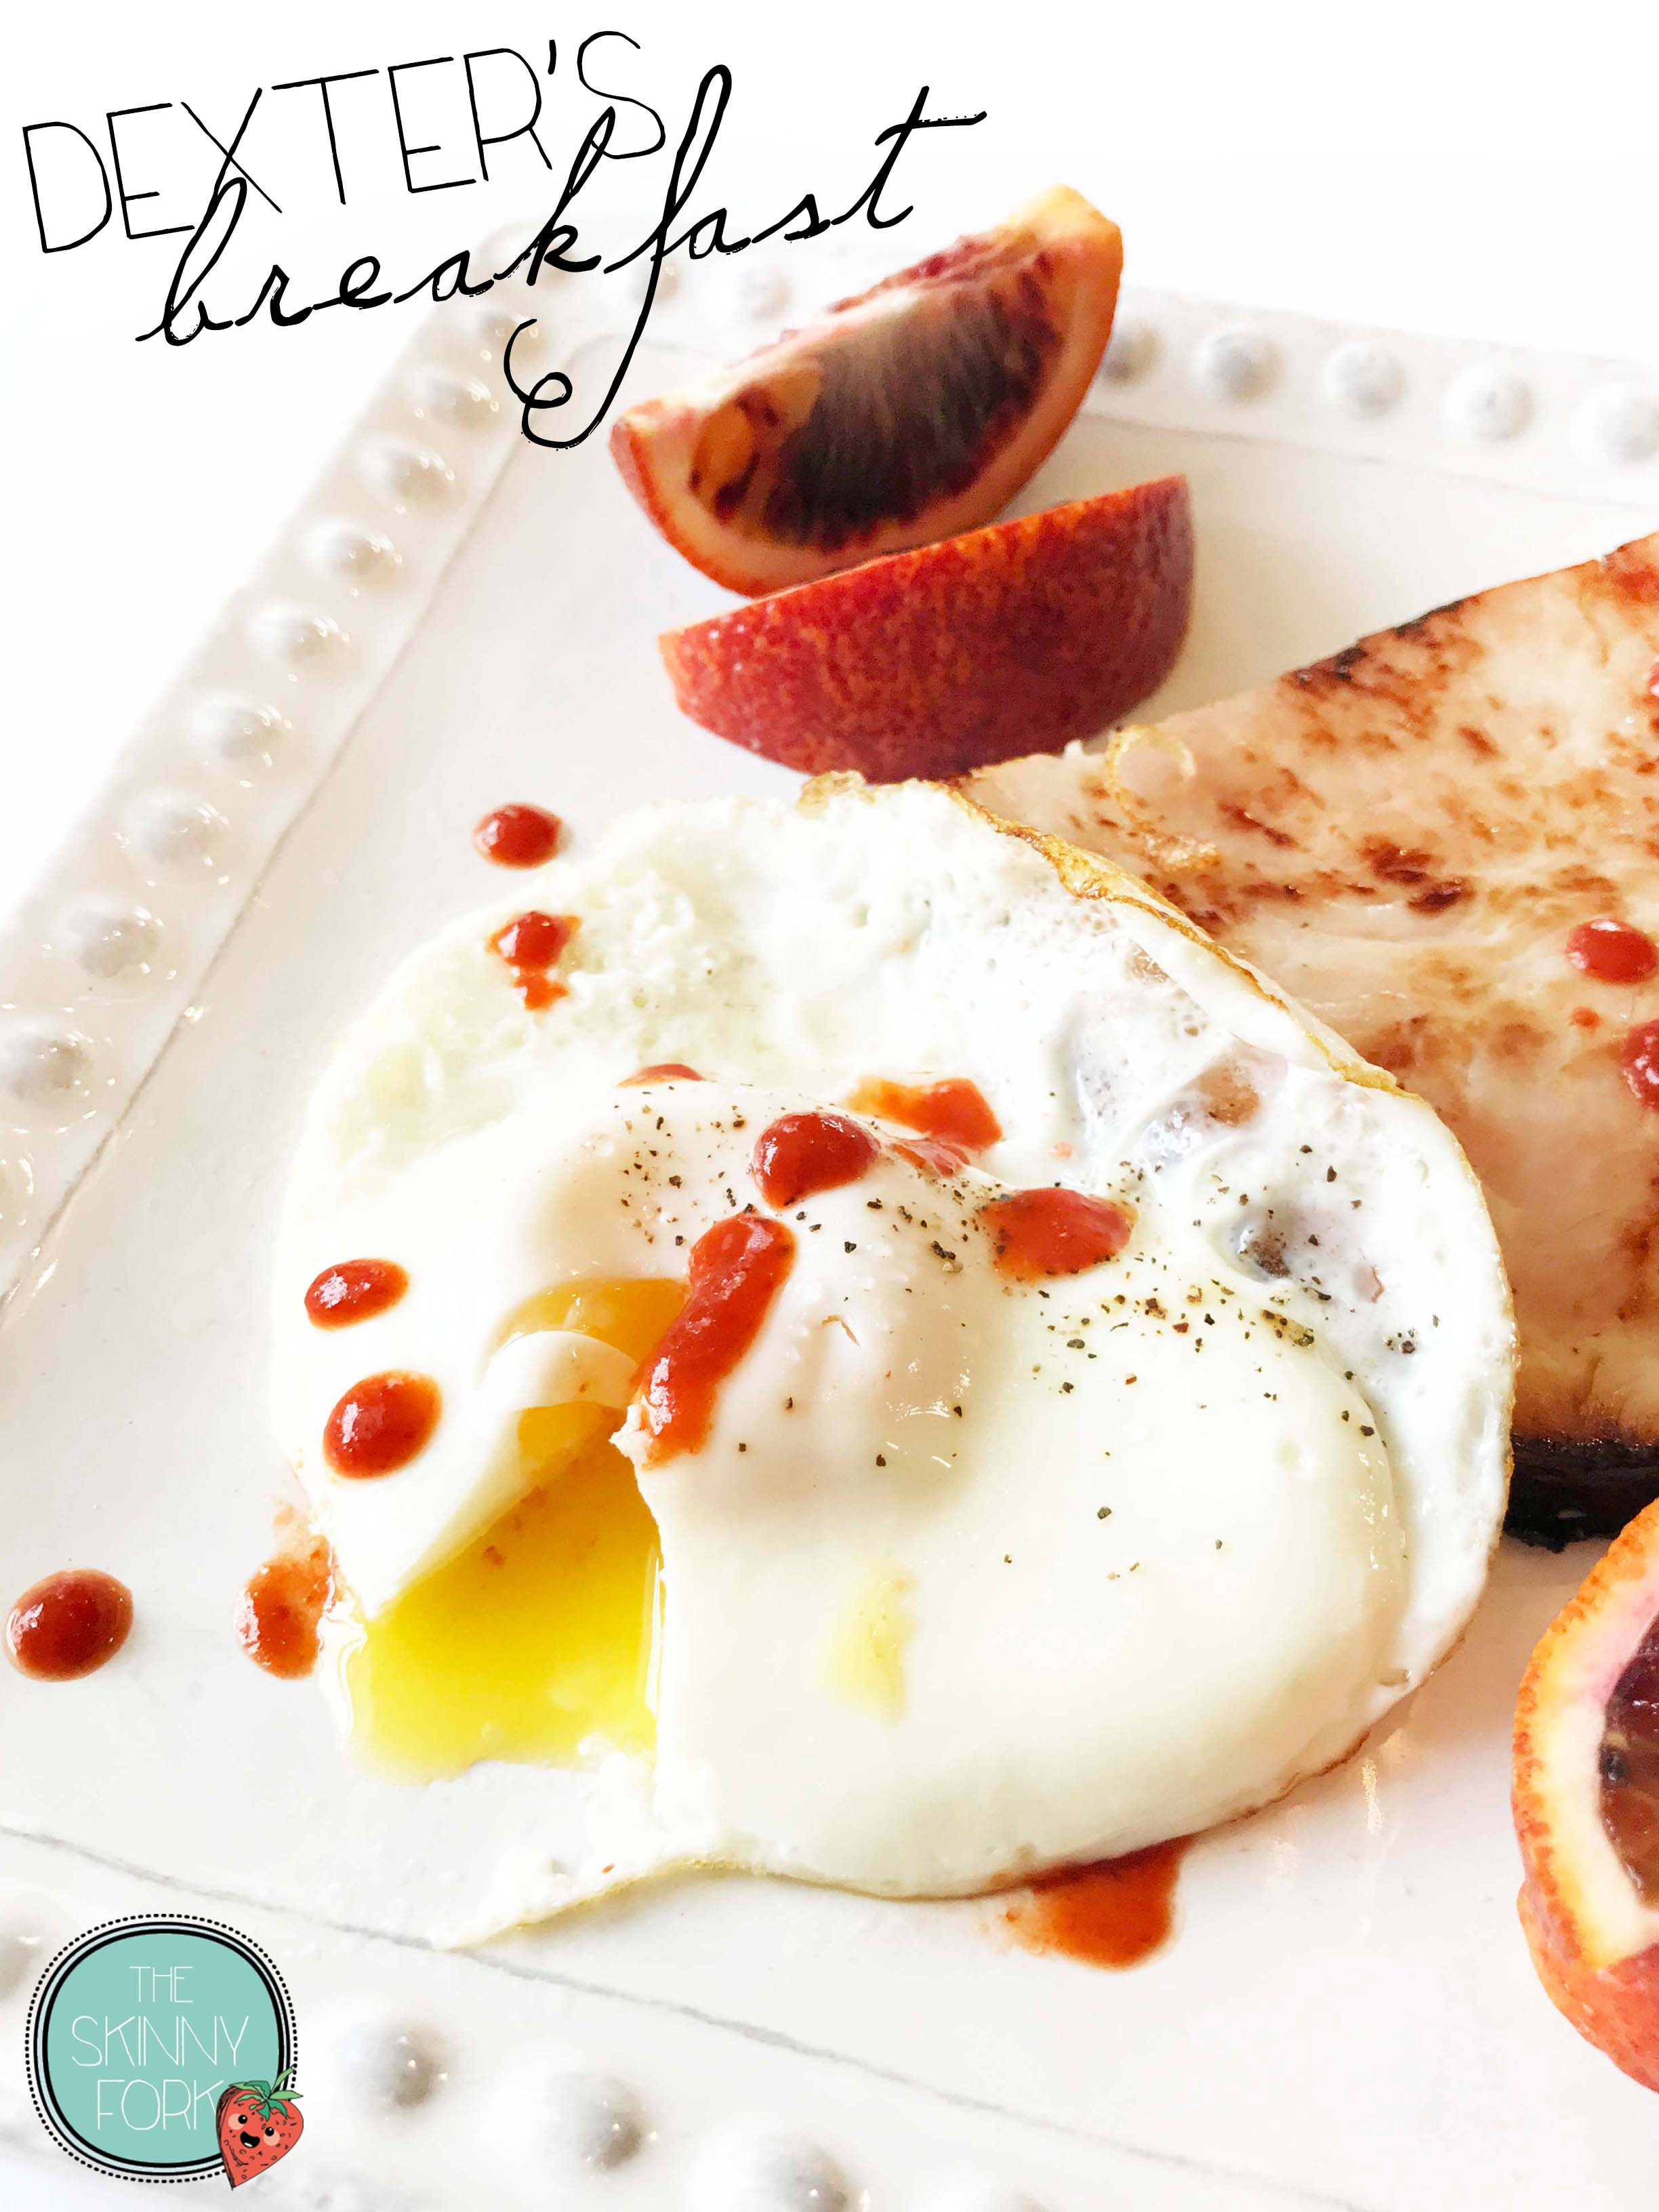 dexter-breakfast-pin.jpg